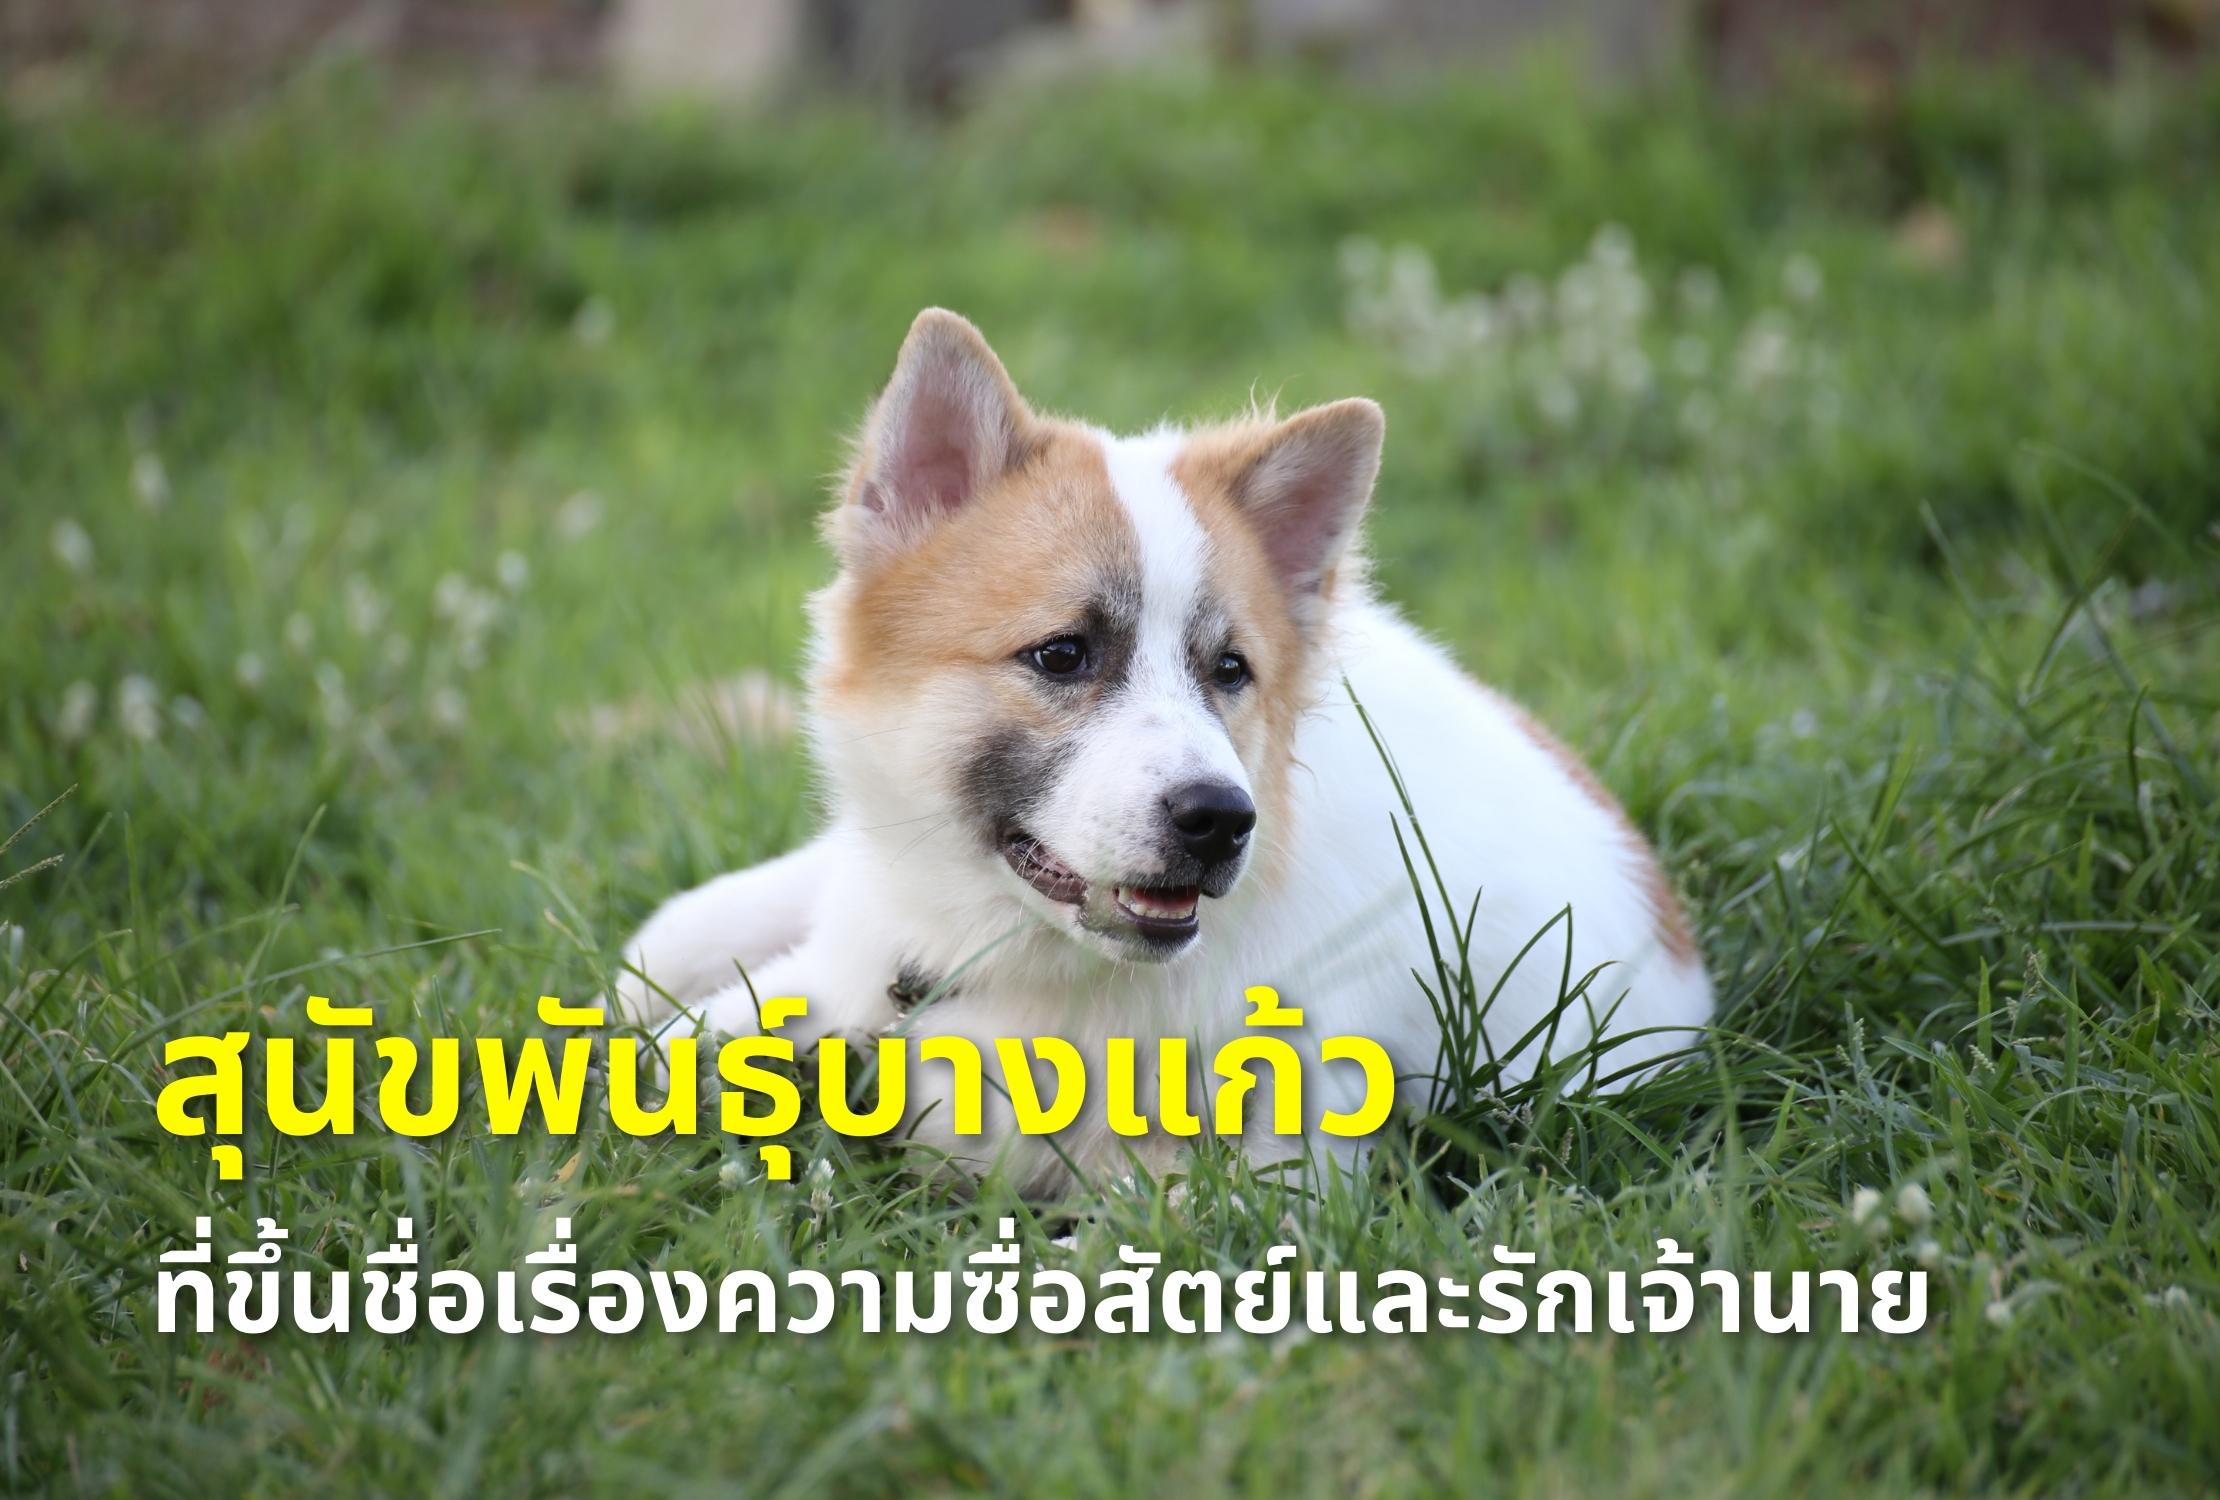 สุนัขพันธุ์บางแก้วที่ขึ้นชื่อเรื่องความซื่อสัตย์และรักเจ้านาย